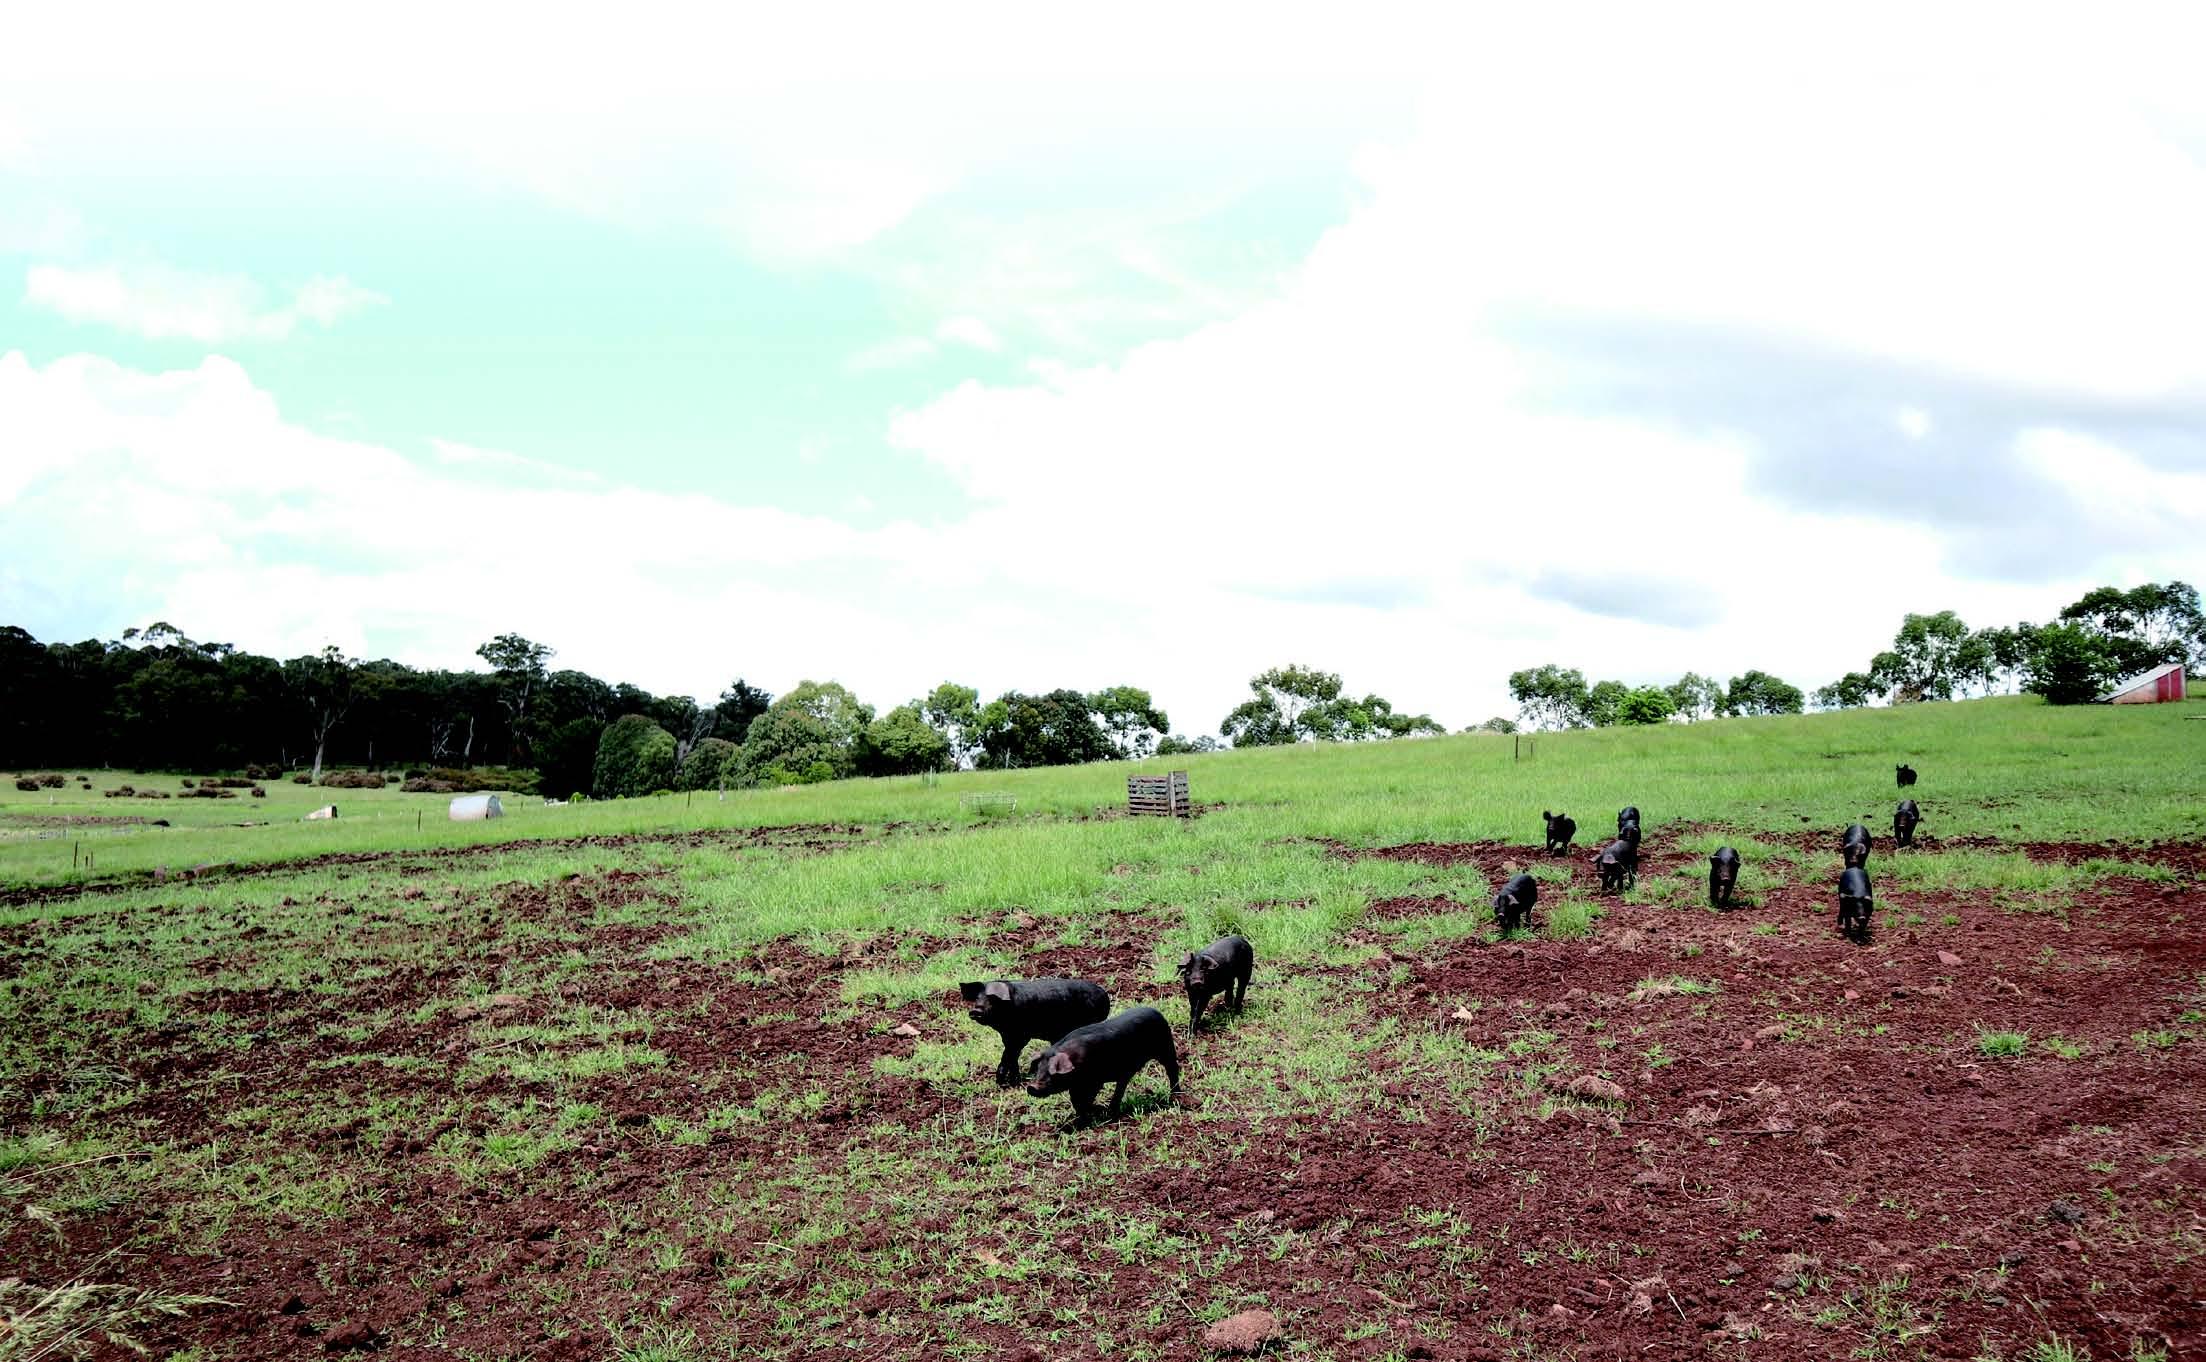 멀리서도 주인의 발걸음 소리를 듣고 마치 영화처럼 주인에게 달려오는 돼지들의 모습.